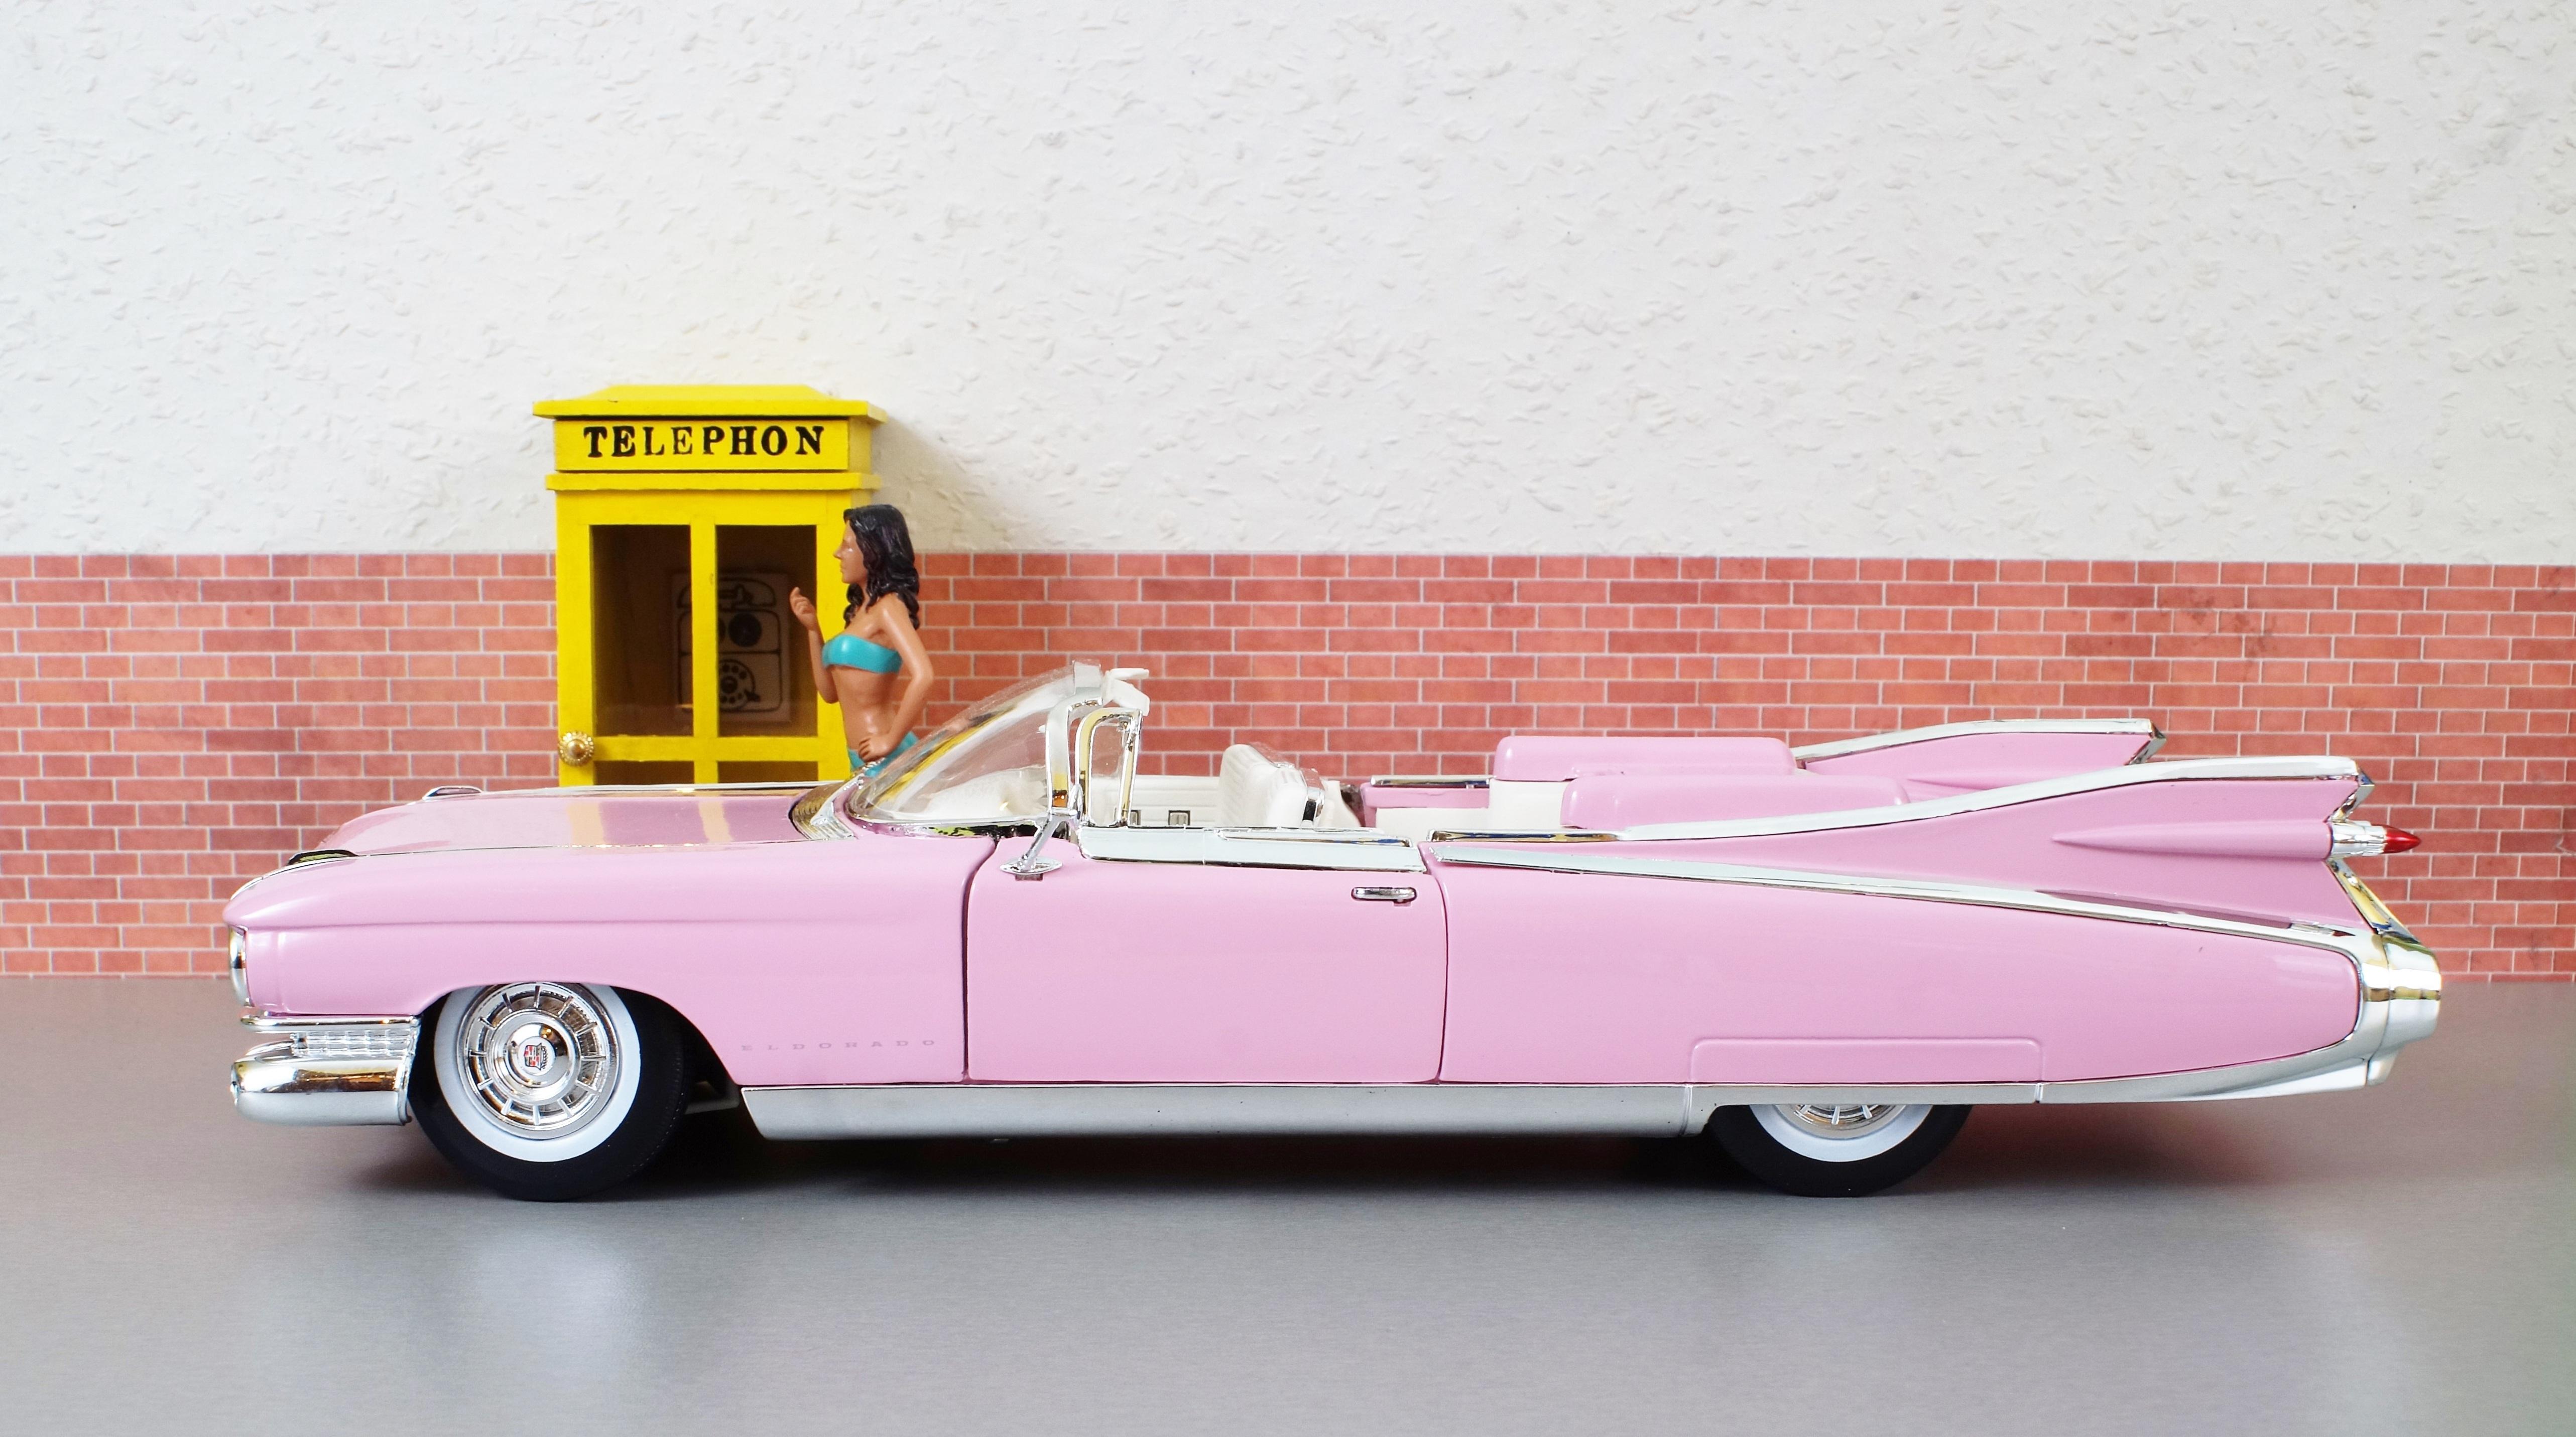 images gratuites vieux maquette v hicule t l phone etats unis am rique auto rose. Black Bedroom Furniture Sets. Home Design Ideas